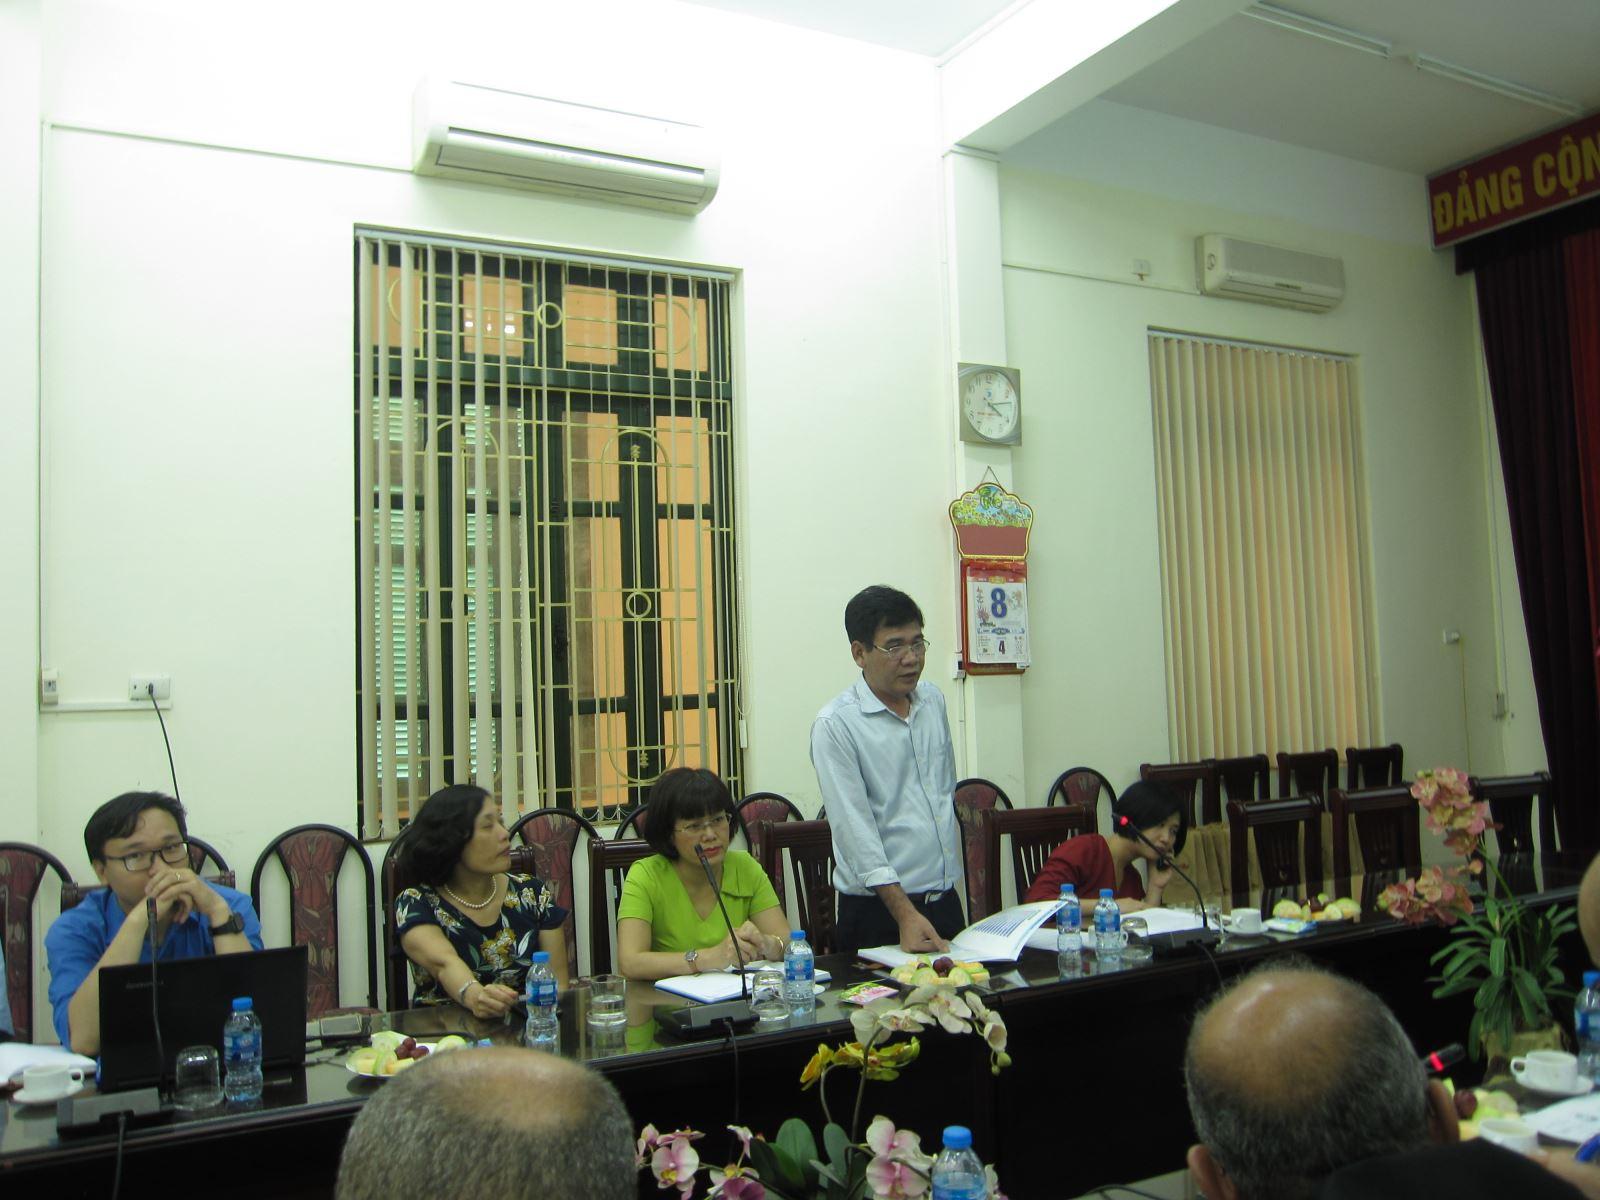 PGS. TS. Bùi Quang Thuật - Phó Viện trưởng phát biểu chào mừng